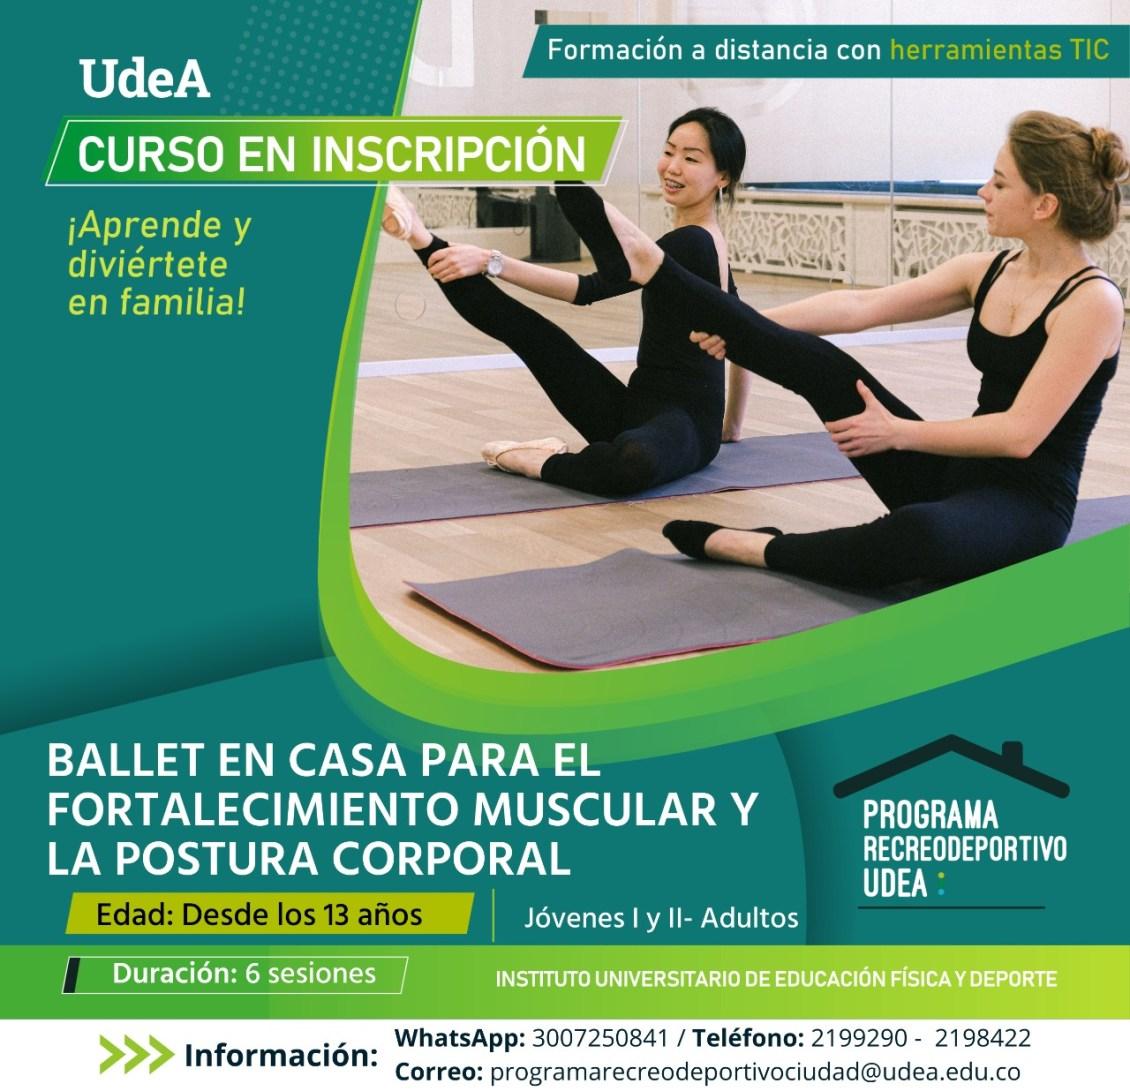 ballet-en-casa-para-el-fortalecimiento-muscular-y-la-postura-corporal-udea